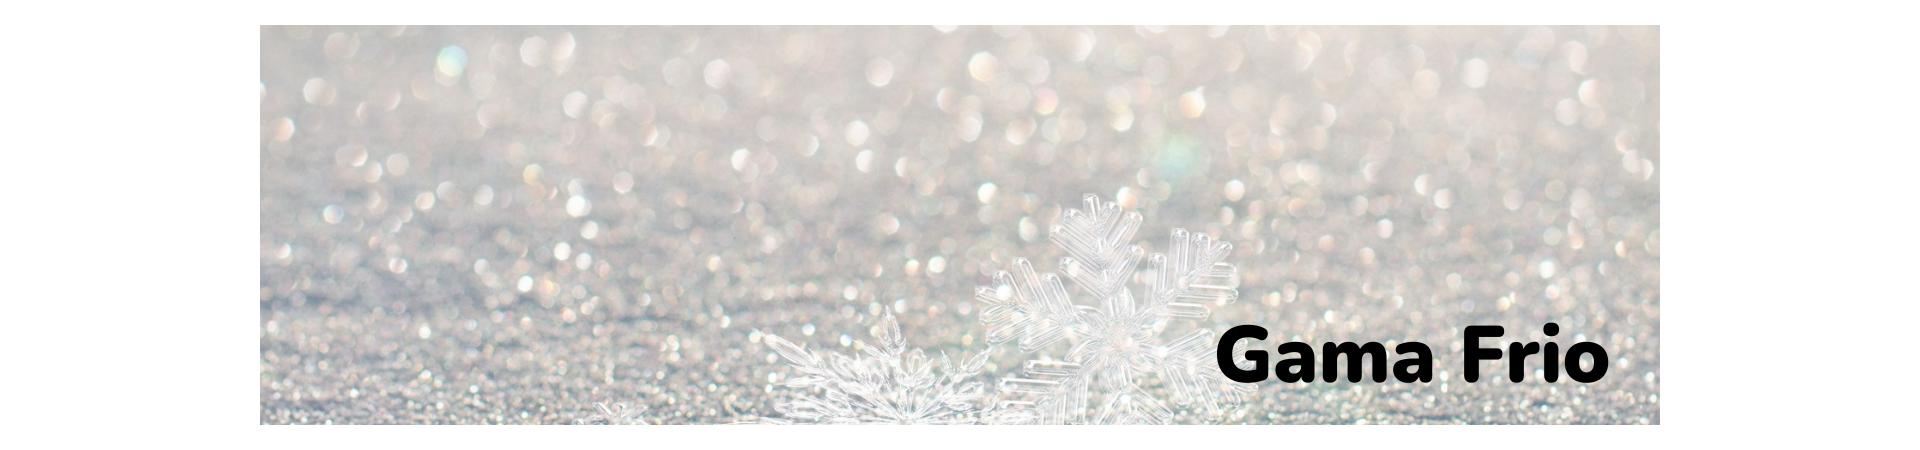 Gama frío,  maquinaria para refrigeración y congelación con garantía.